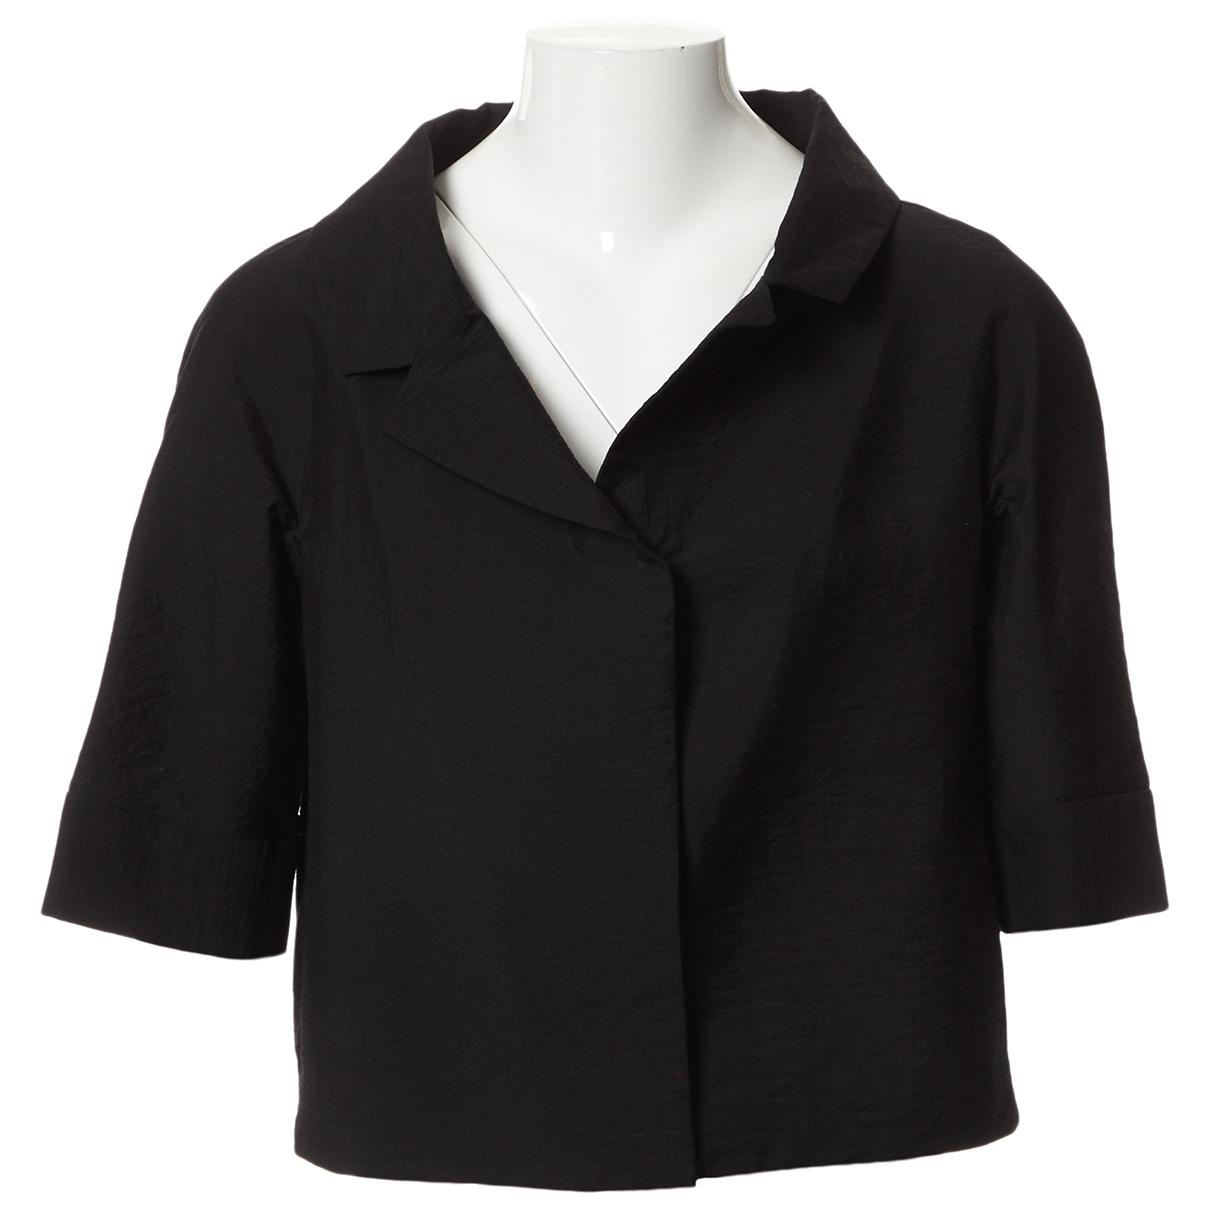 Marni - Top   pour femme en laine - noir